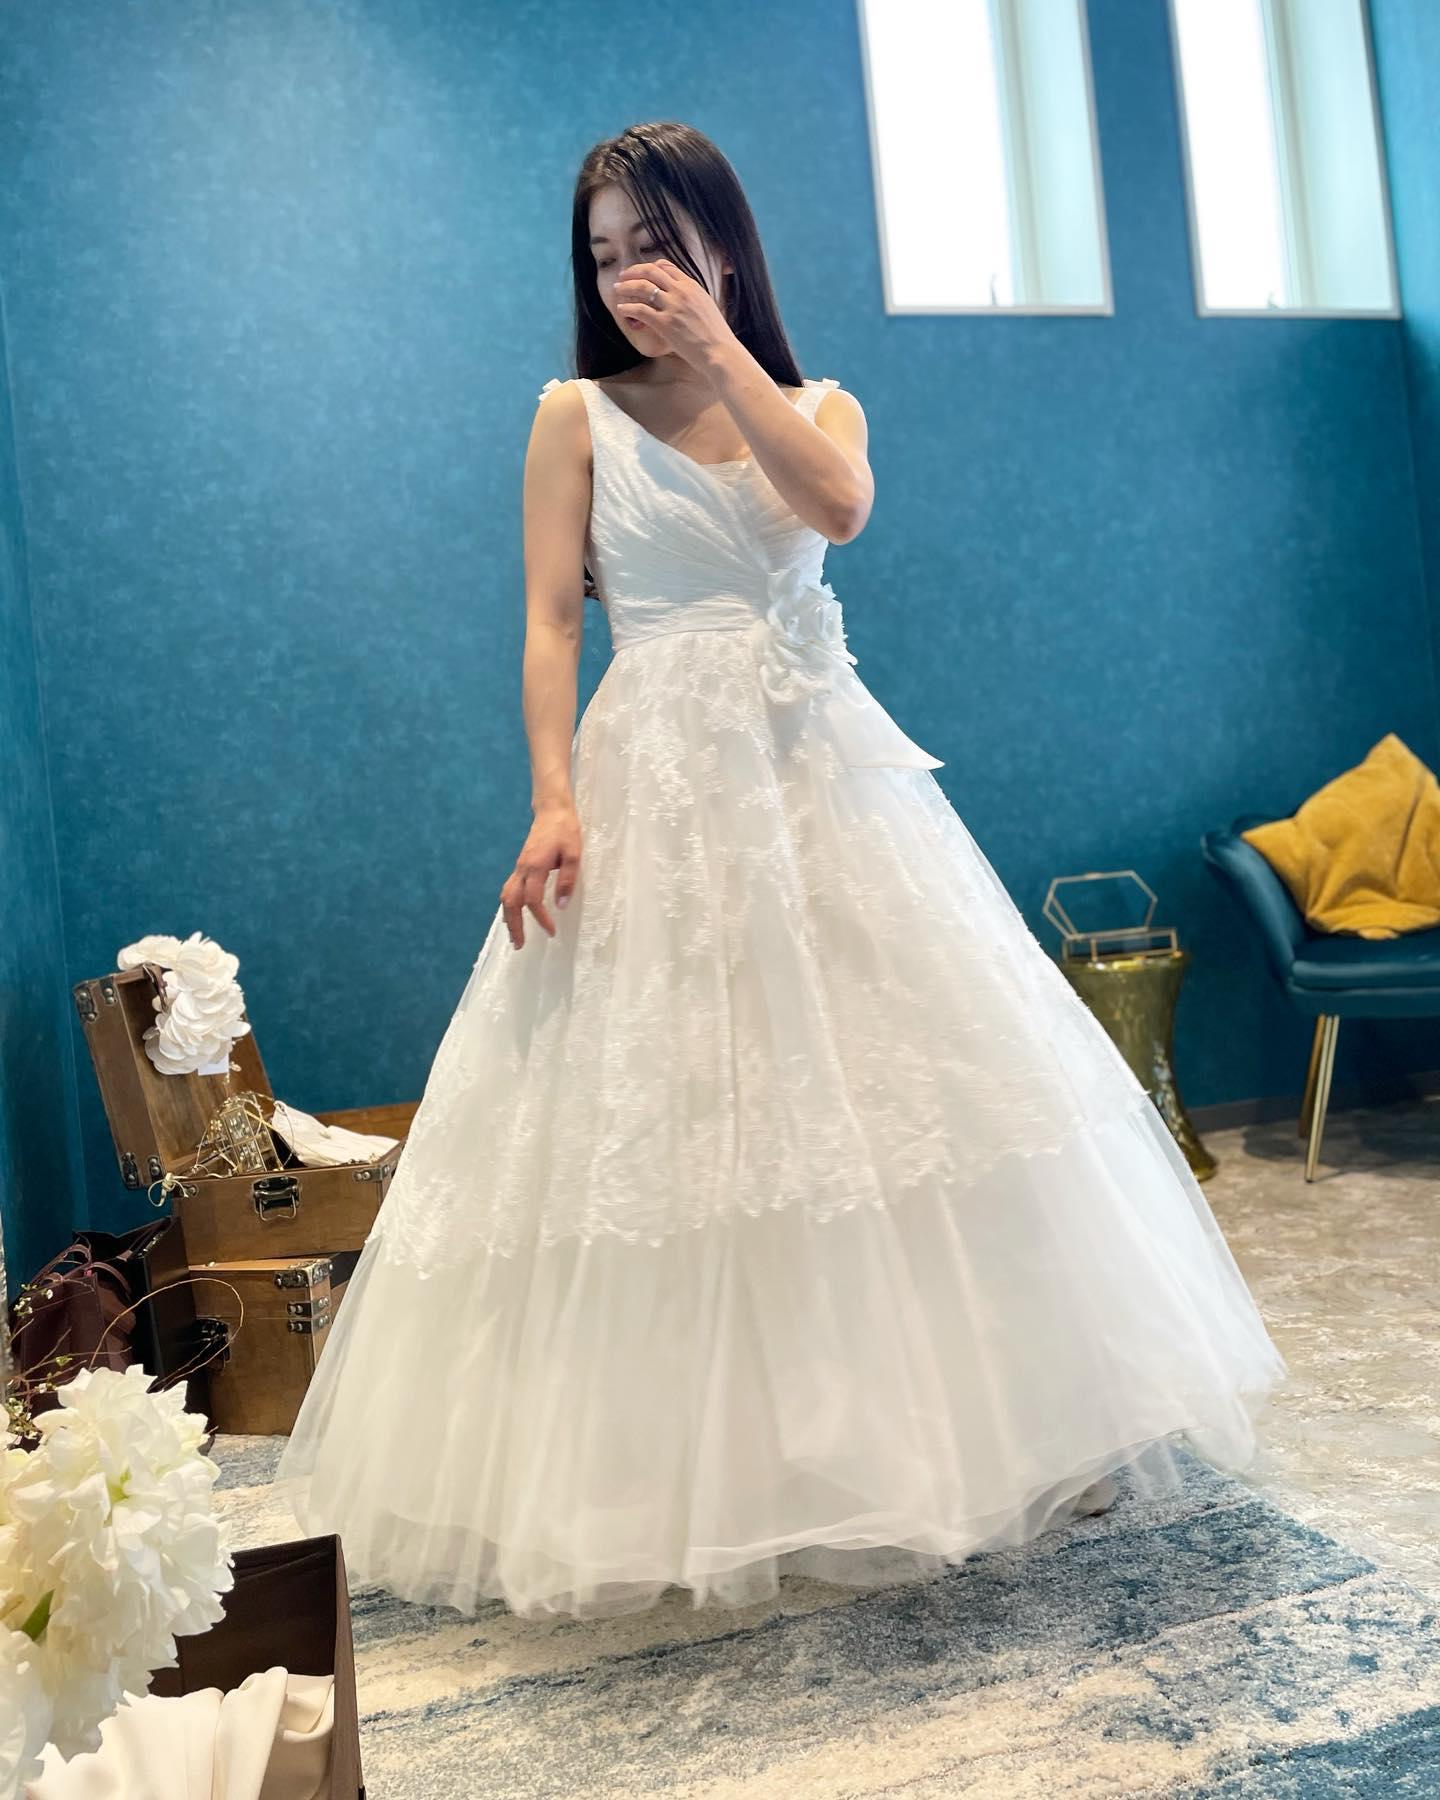 """・先週のお客様🕊・ミモレ丈のドレスをご試着・小柄で華奢なご新婦さま♀️ヒールの高さによってはミモレ丈にも通常のドレス丈にも・足元をチラッと見せる事ができるのでカラーパンプスで遊んでも可愛いですフォトウェディングにもオススメの一着・""""PROVDENCE""""購入価格¥180,000(税込)・#wedding #weddingdress #claras #paris #vowrenewal #aoyama#ウェディングドレス #プレ花嫁 #ドレス試着 #2021夏婚 #2021冬婚 #ヘアメイク #結婚式  #ドレス選び #前撮り #後撮り #フォトウェディング #ウェディングヘア  #フォト婚 #前撮り写真 #ブライダルフォト #カップルフォト #ウェディングドレス探し #ウェディングドレス試着 #レンタルドレス #ドレスショップ #家族婚 #バウリニューアル #記念日婚"""